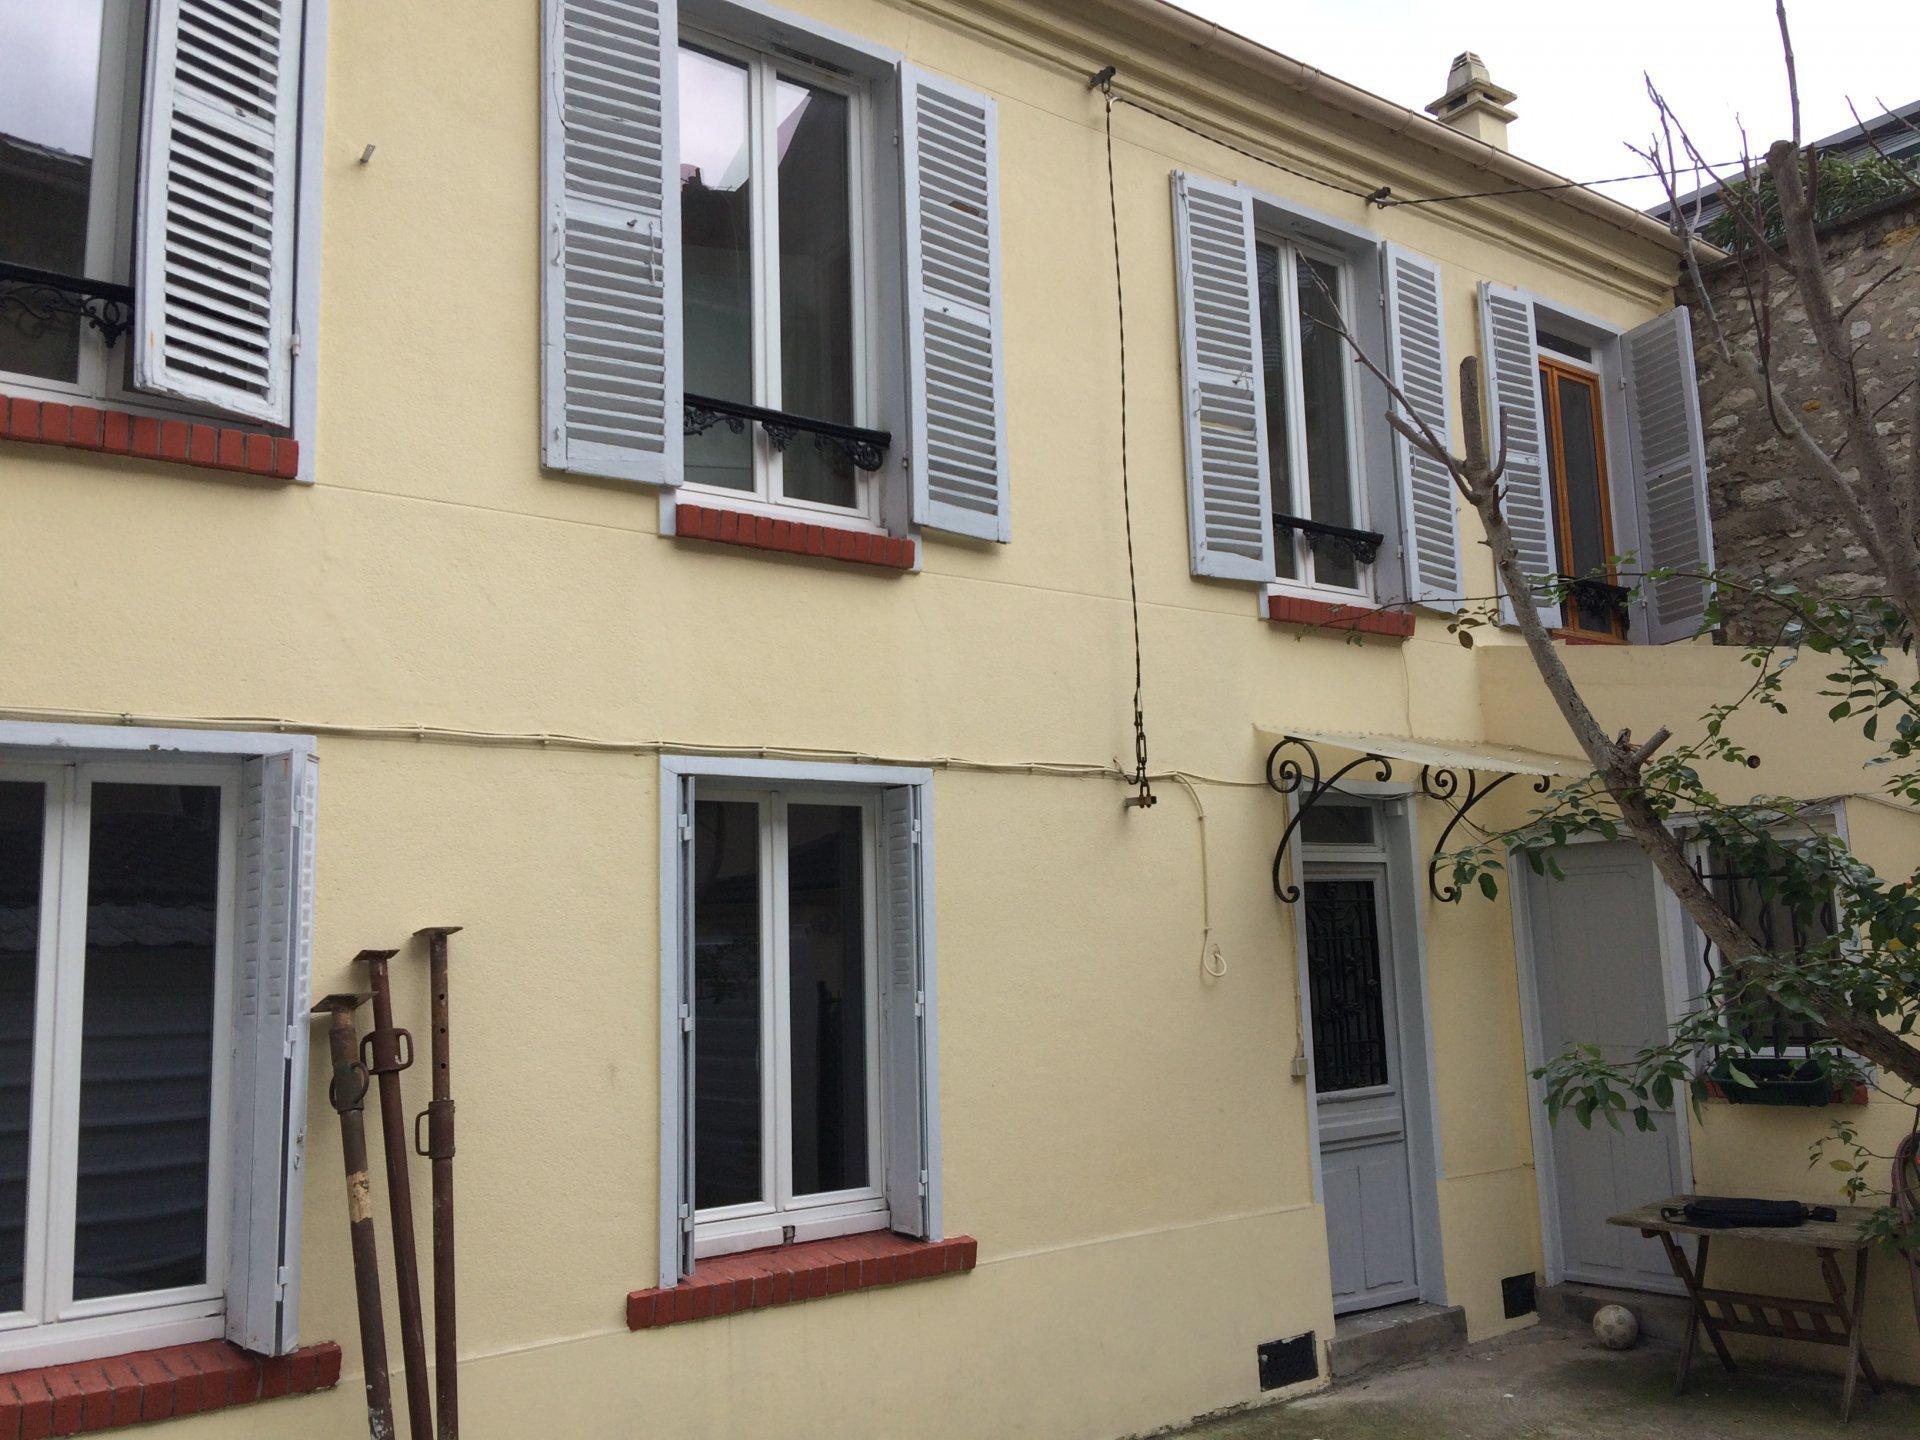 Location Maison de ville - Montrouge